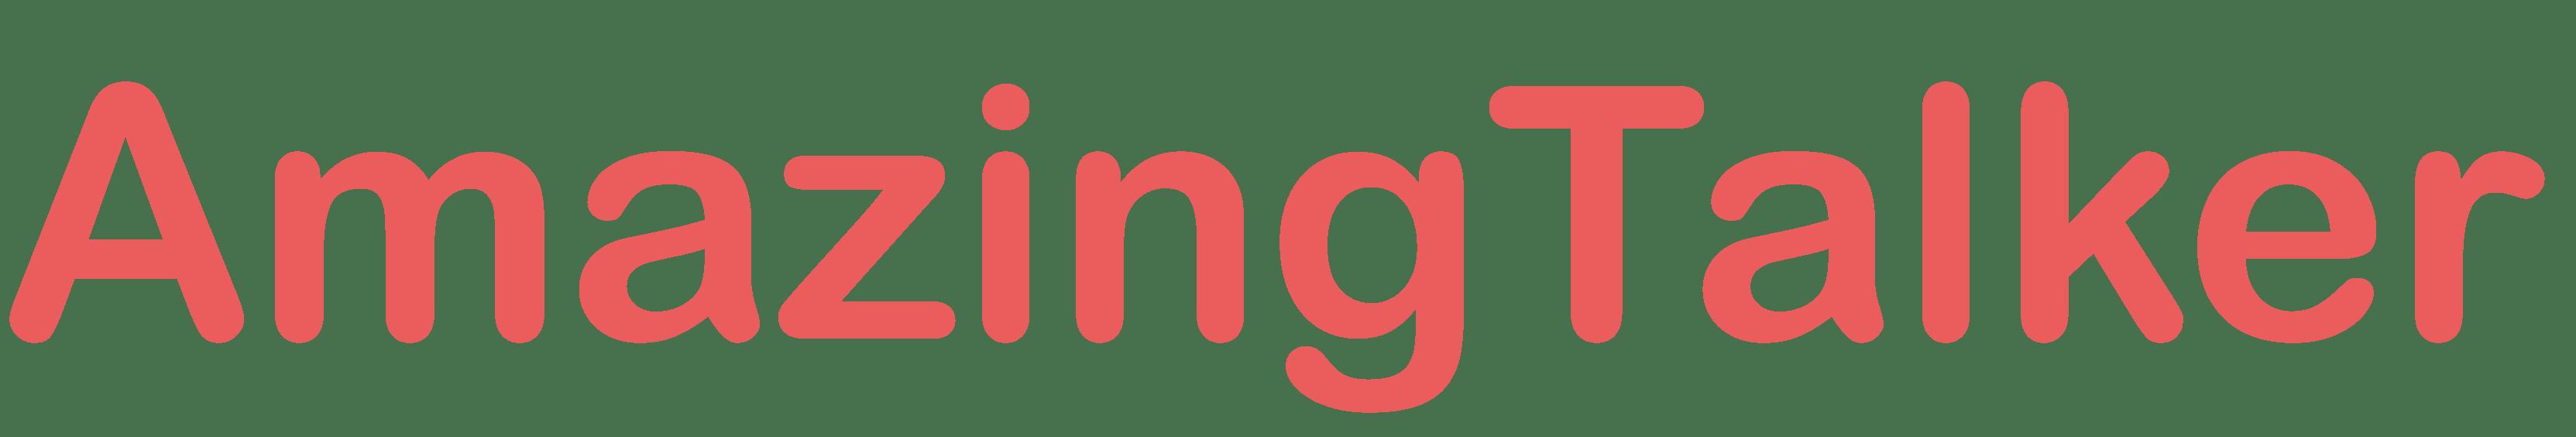 AT-長logo-去背.png